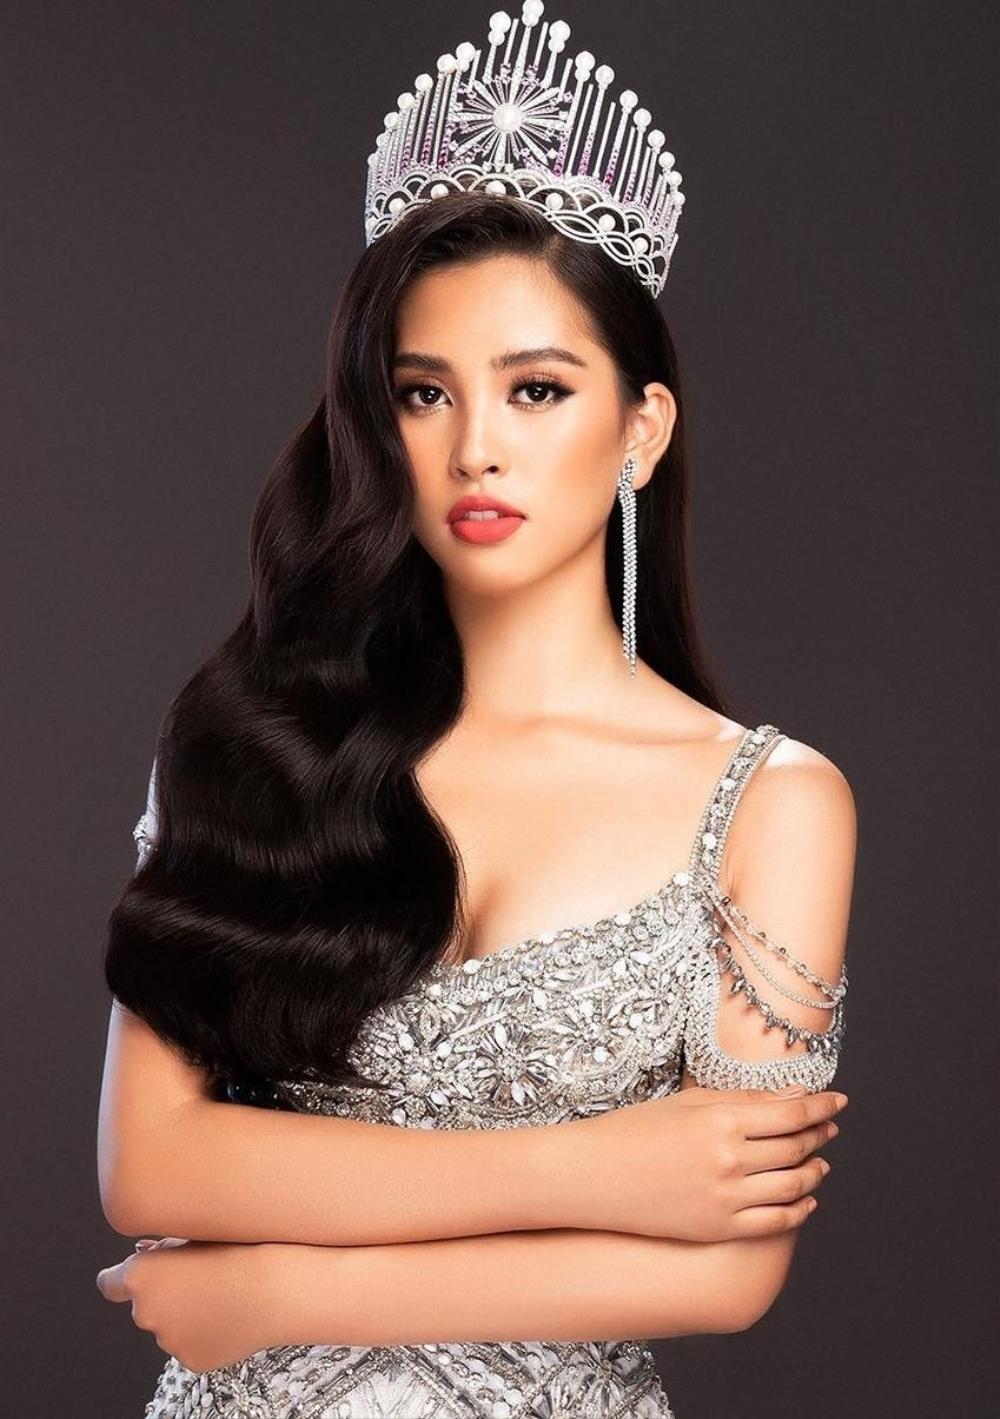 Hoa hậu Đỗ Thị Hà, Tiểu Vy, Lương Thùy Linh cùng dàn Á hậu sẽ đổ bộ lễ trao giải Ngôi Sao Xanh 2020 Ảnh 5